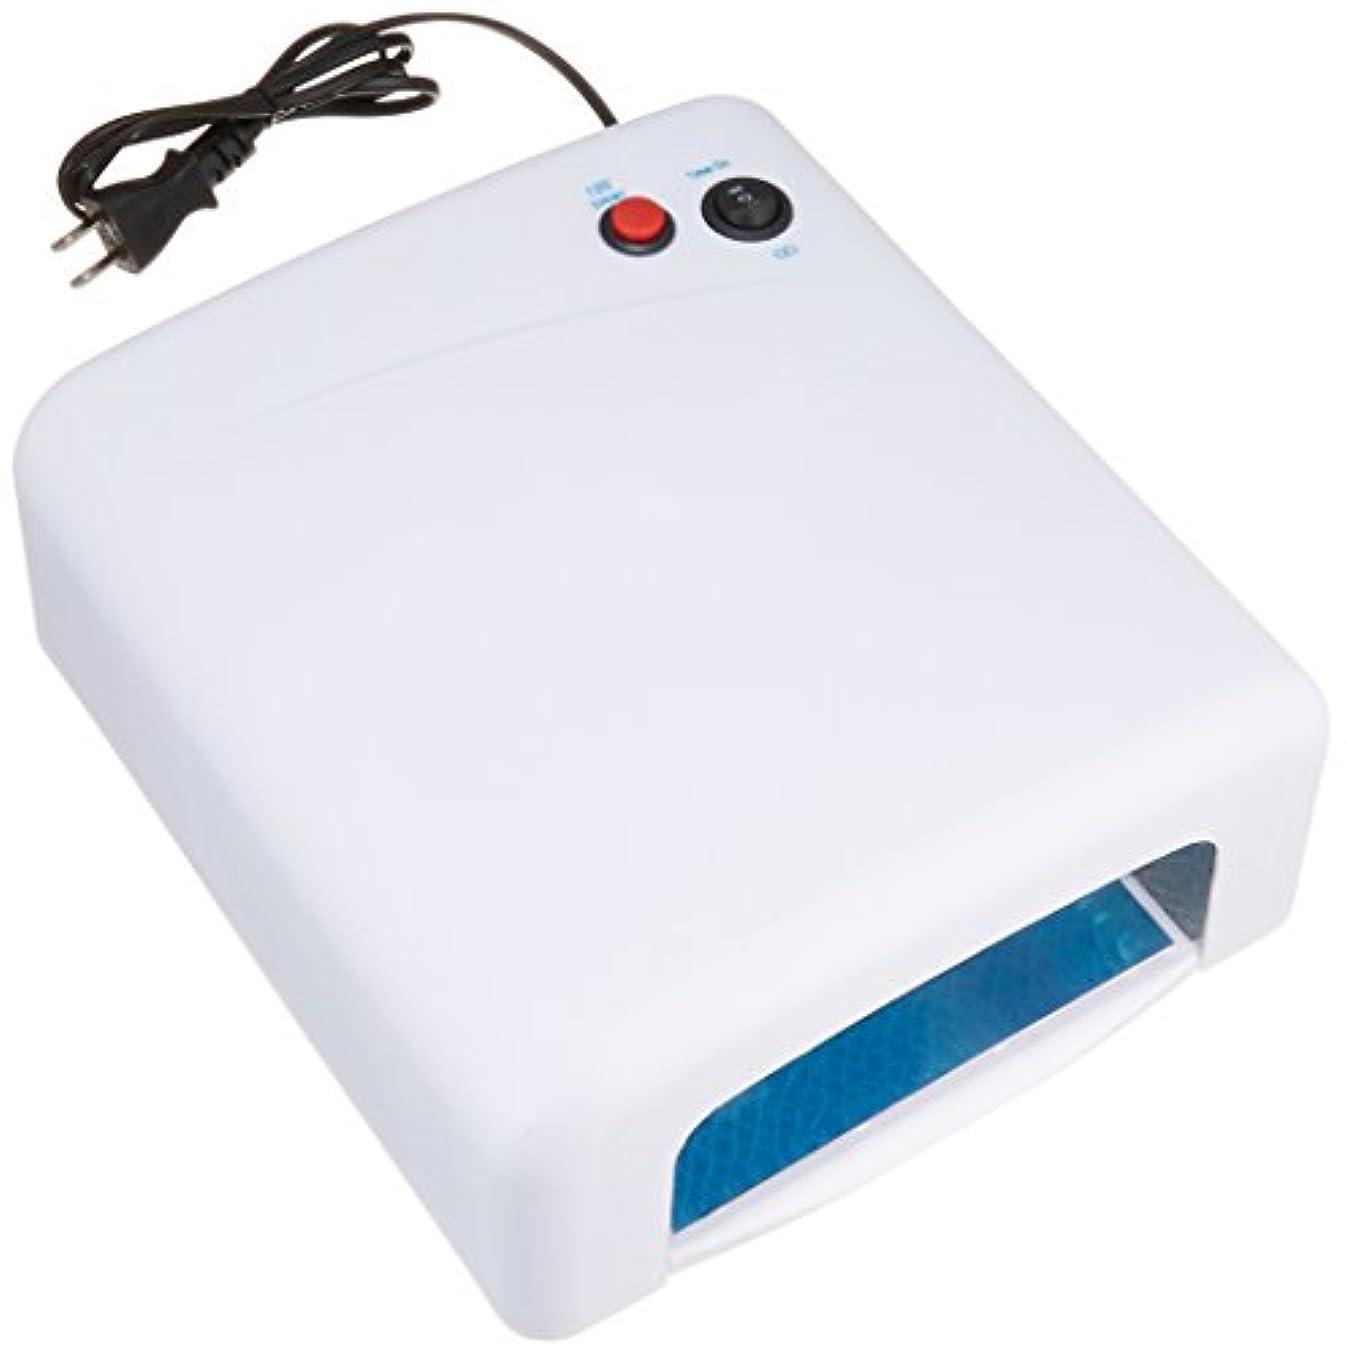 酸度控えるマルコポーロノーブランド品 UVライト 36W ホワイト 取扱説明書付き